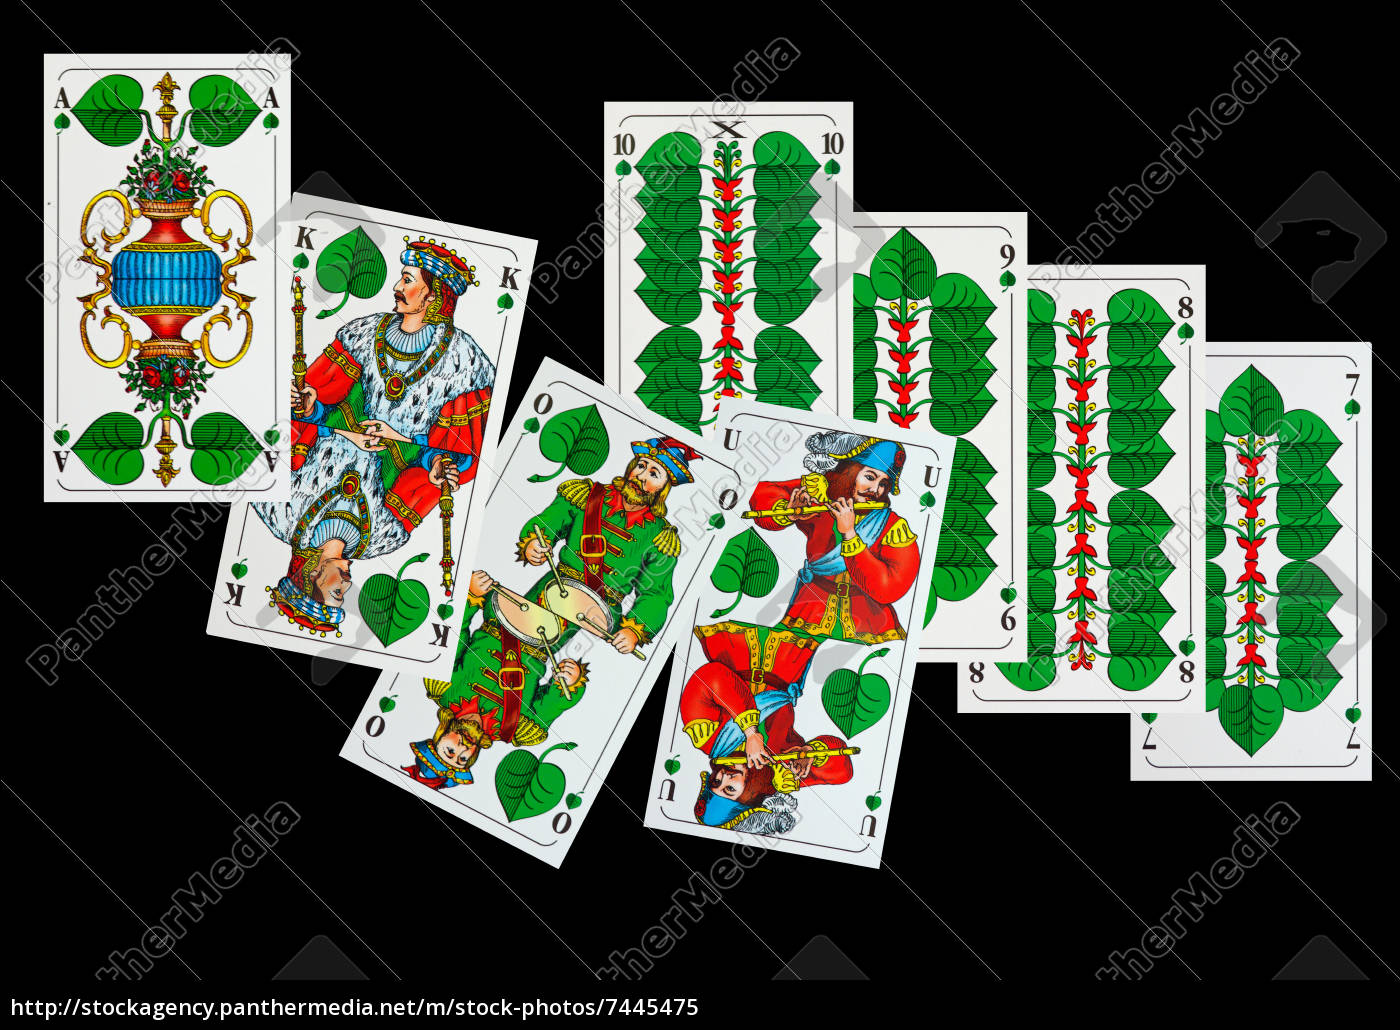 Schafkopfkarten Bilder